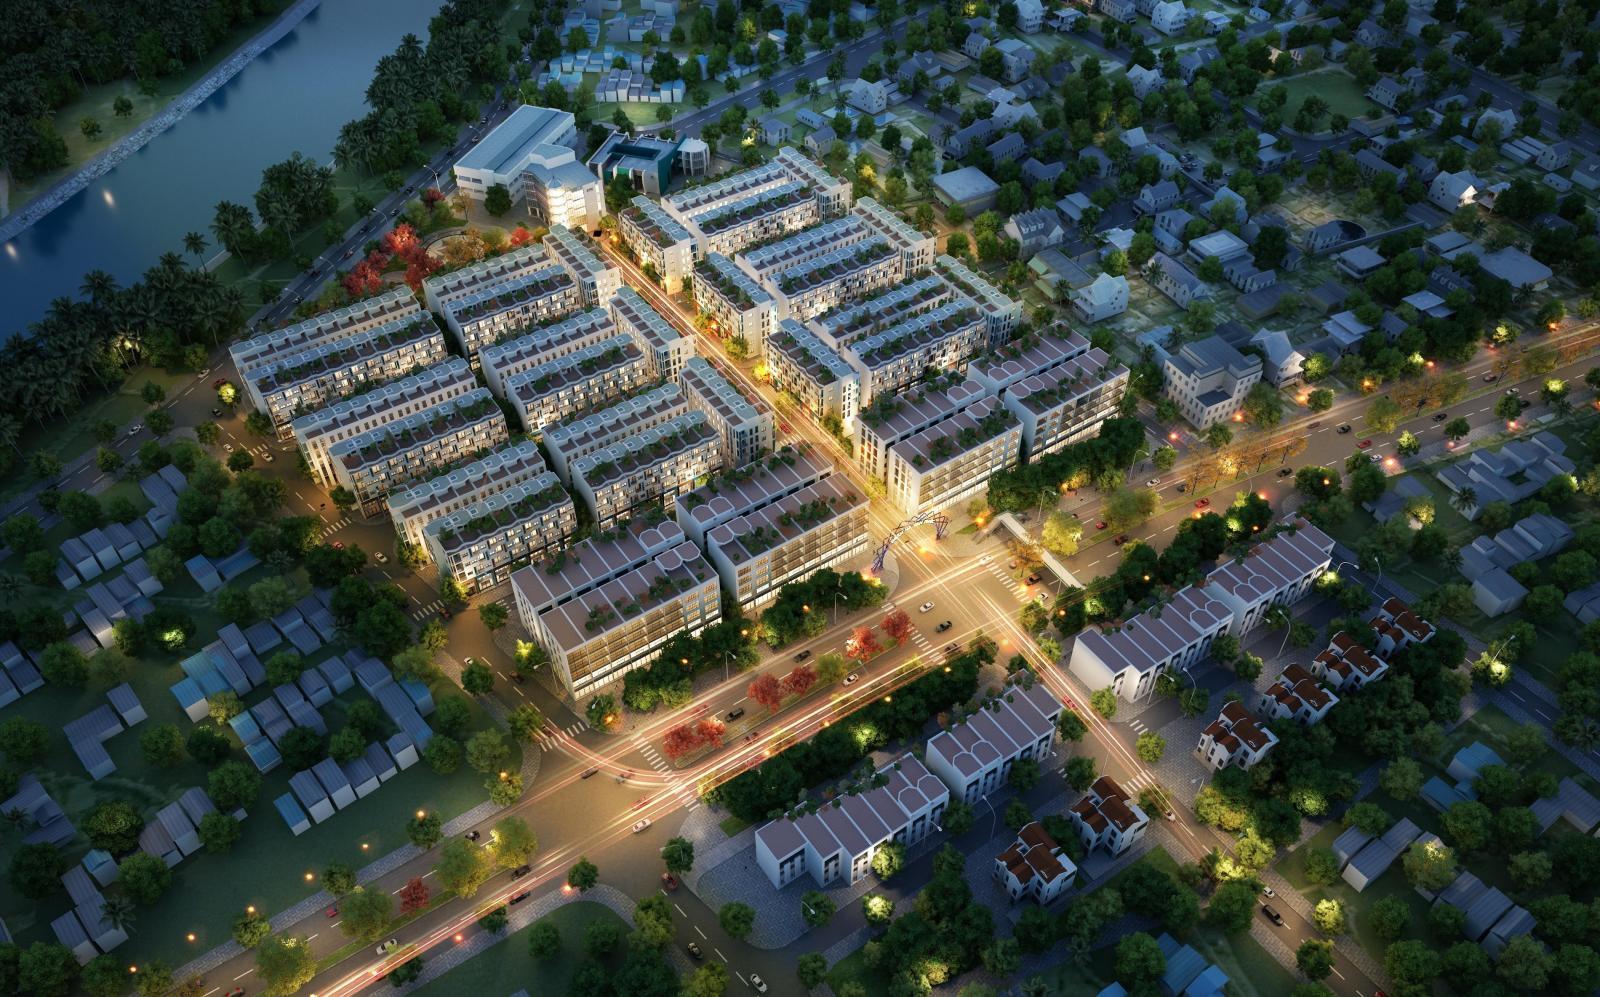 Ảnh phối cảnh từ trên cao một góc khi Tây Hà Nội với nhiều dự án nhà ở, xen kẽ là cây xanh và các con đường